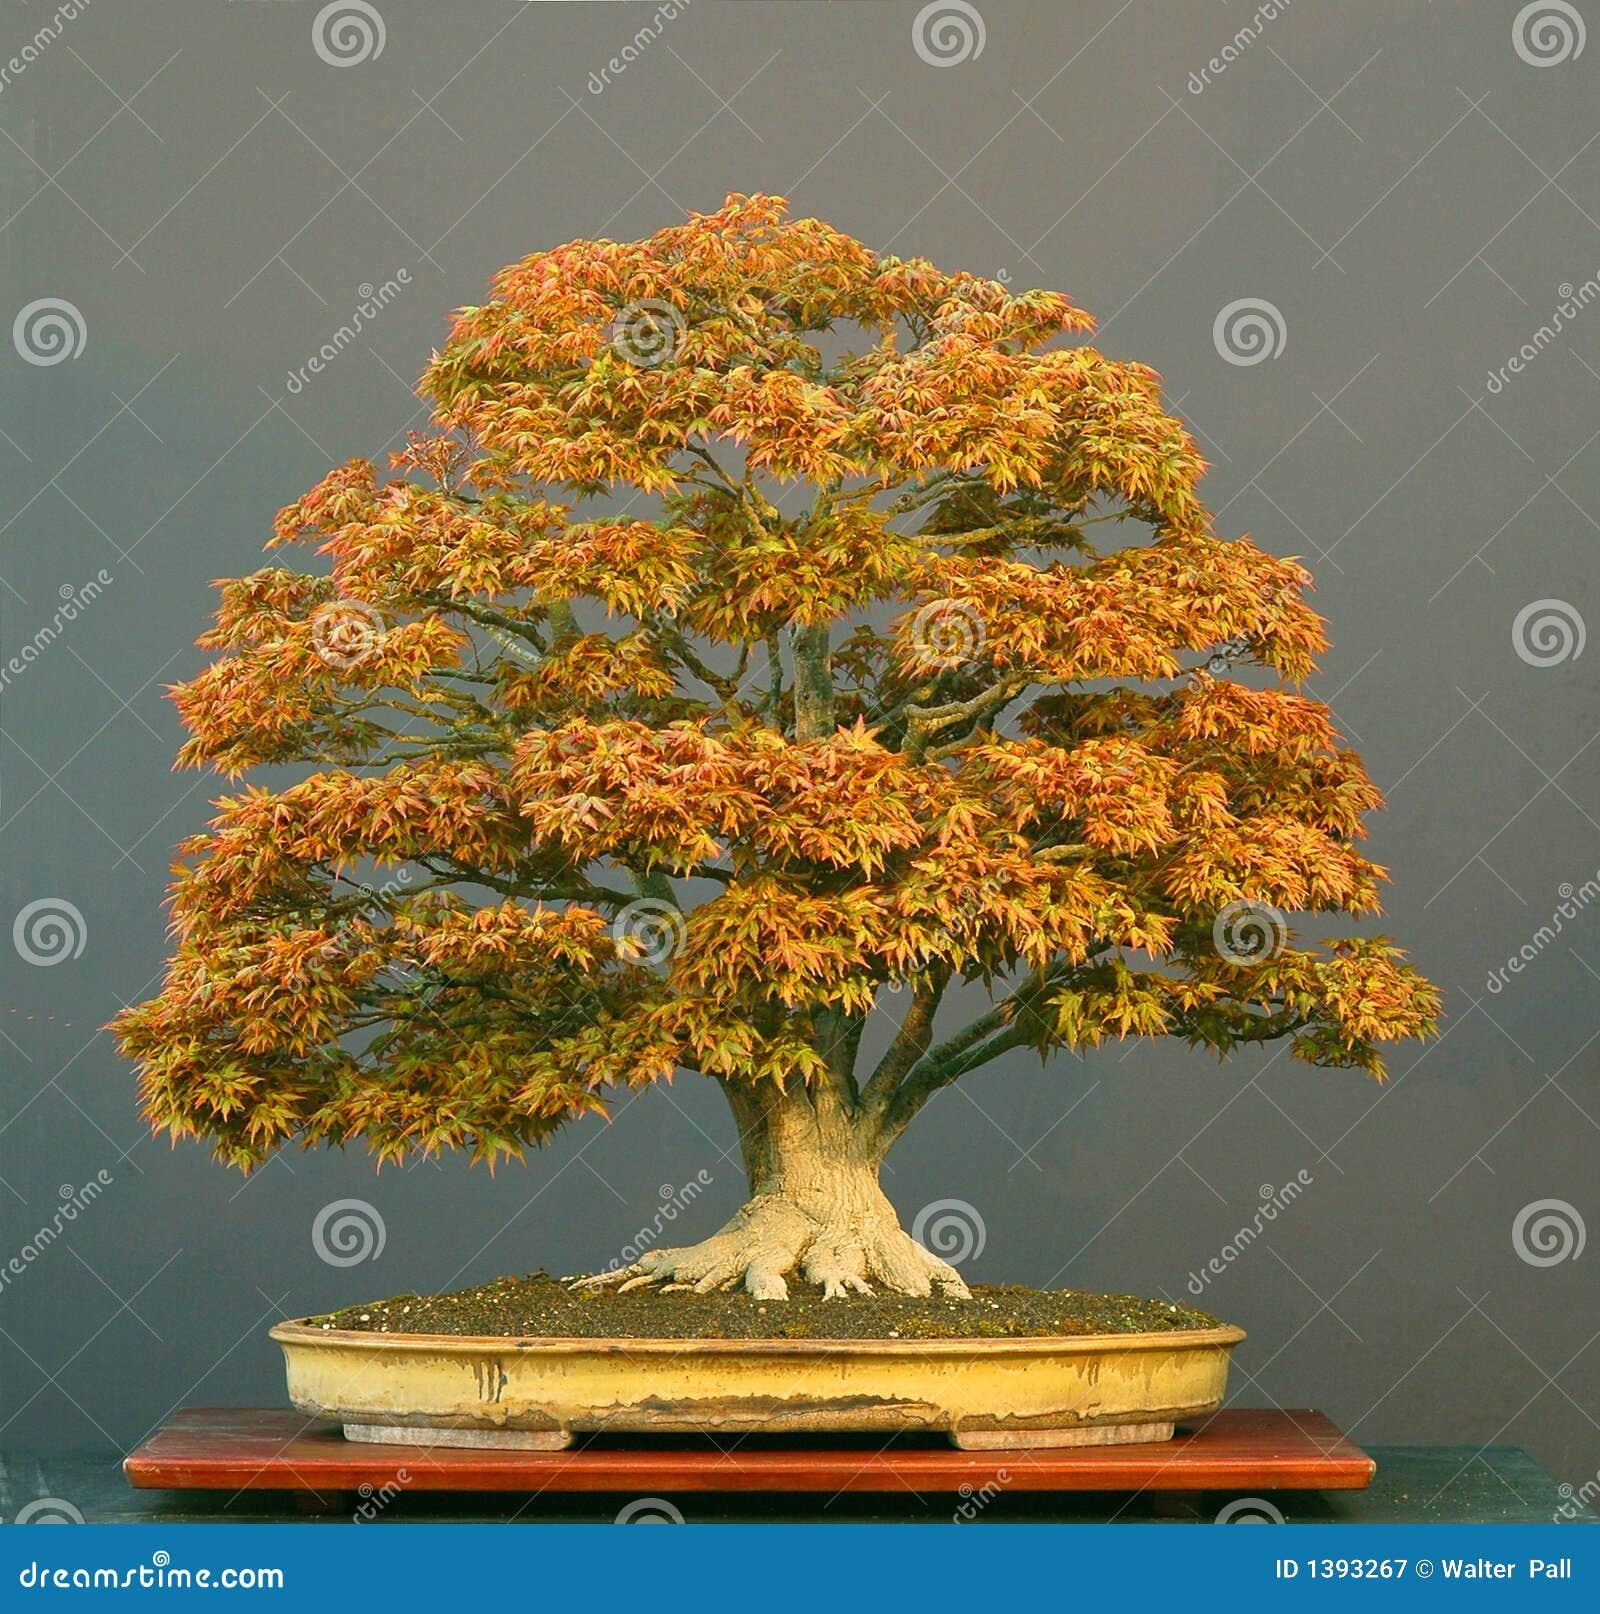 Japanese Maple Bonsai Stock Image Image Of Japanese Palmatum 1393267